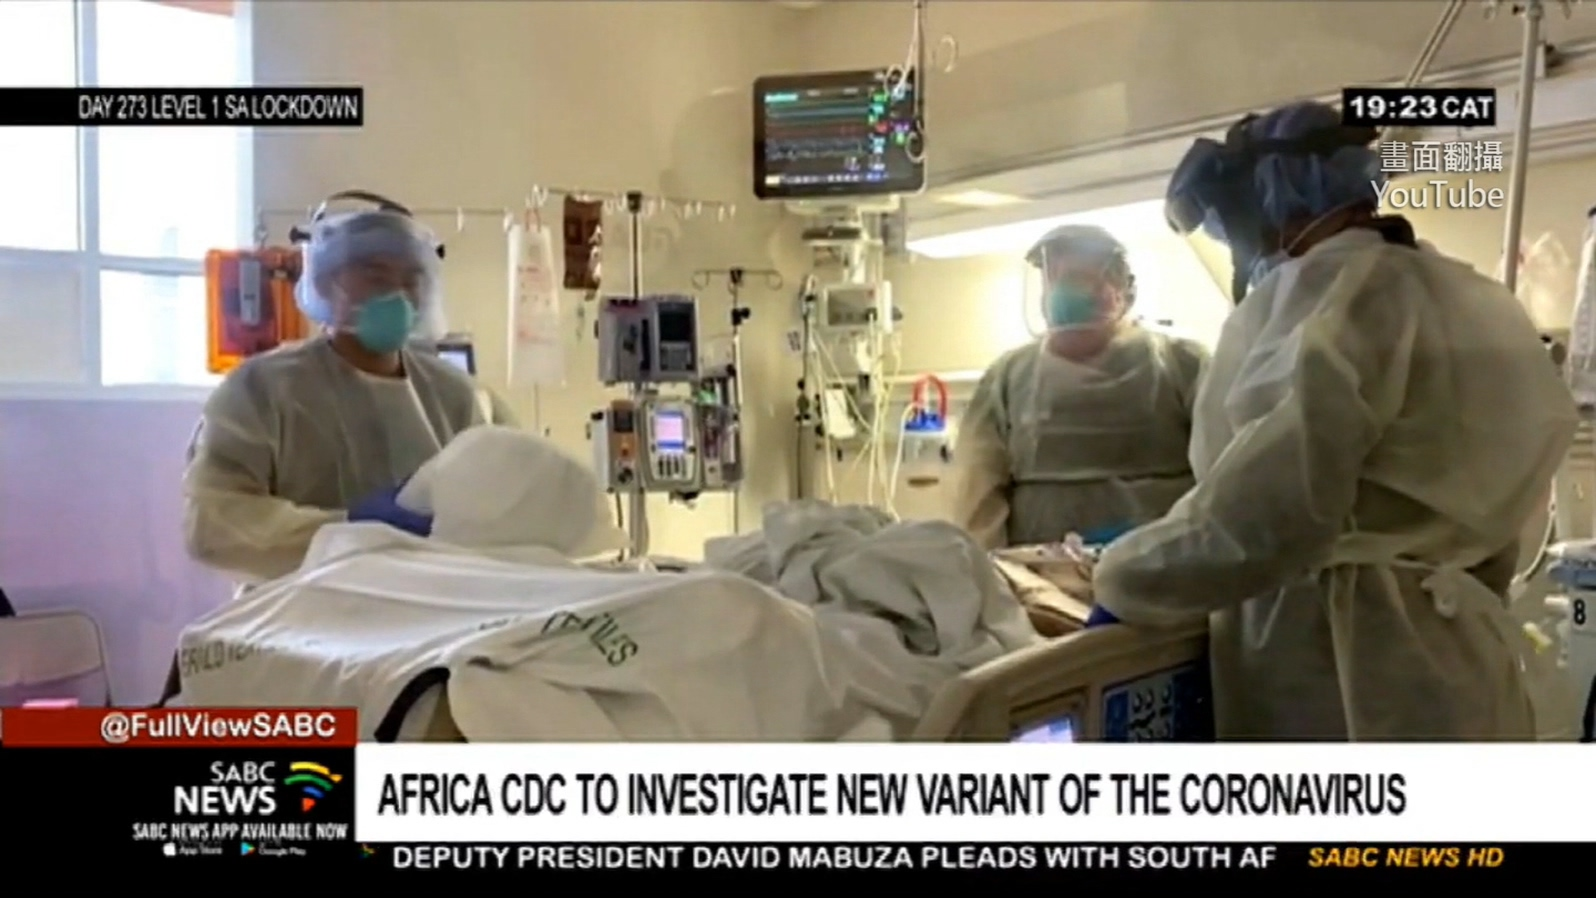 又見新變種? 非洲CDC:奈及利亞疑有新病毒 感染率增加10%